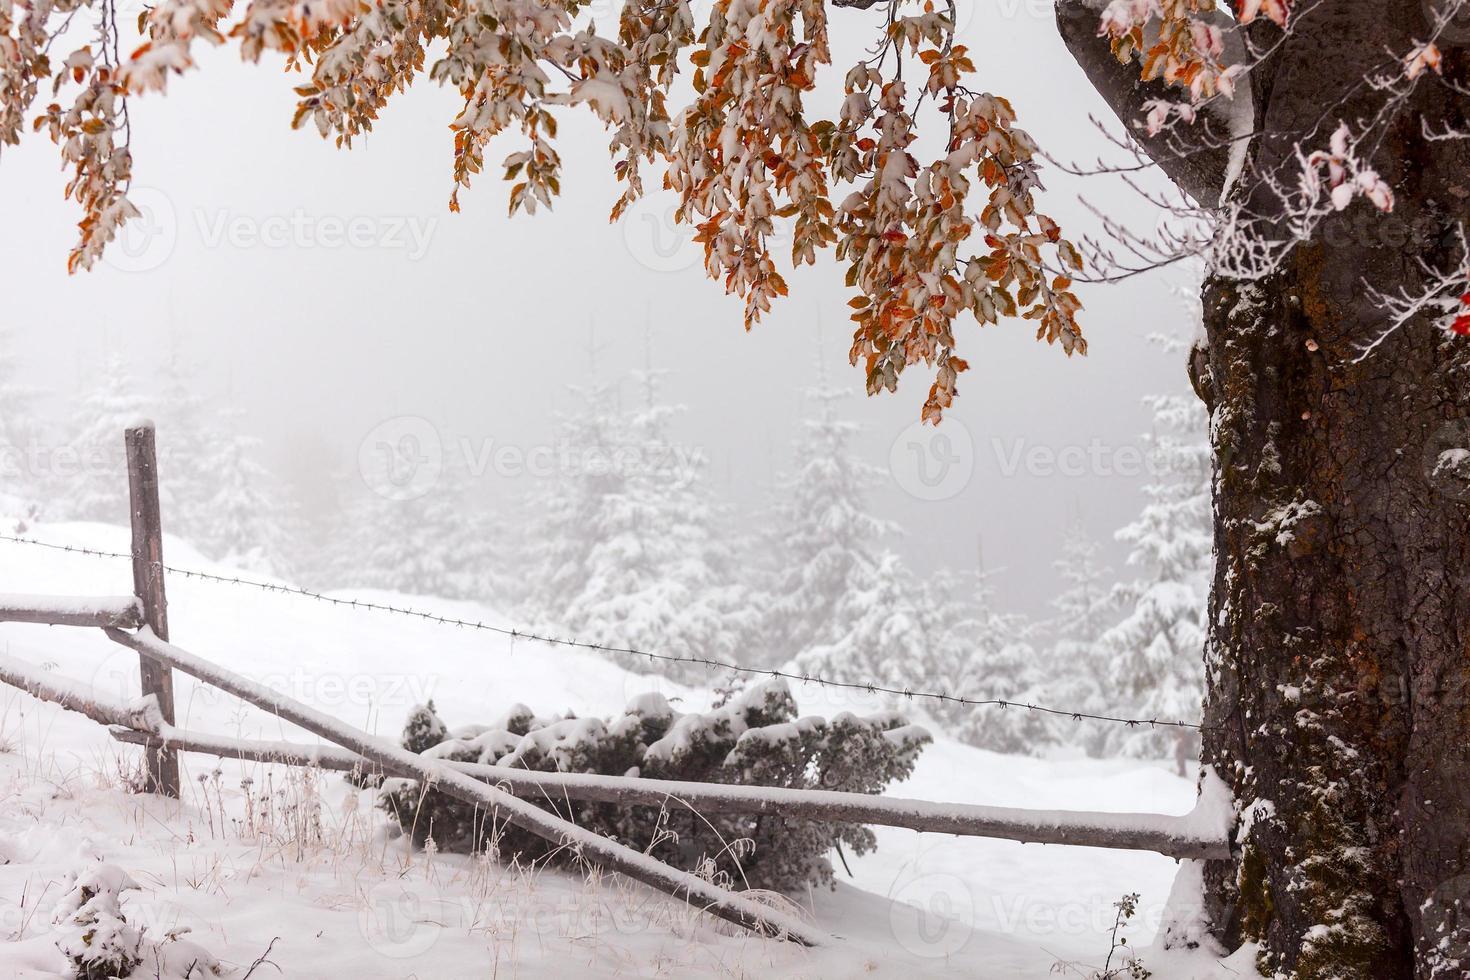 deux saisons - scène d'hiver et d'automne dans le parc photo